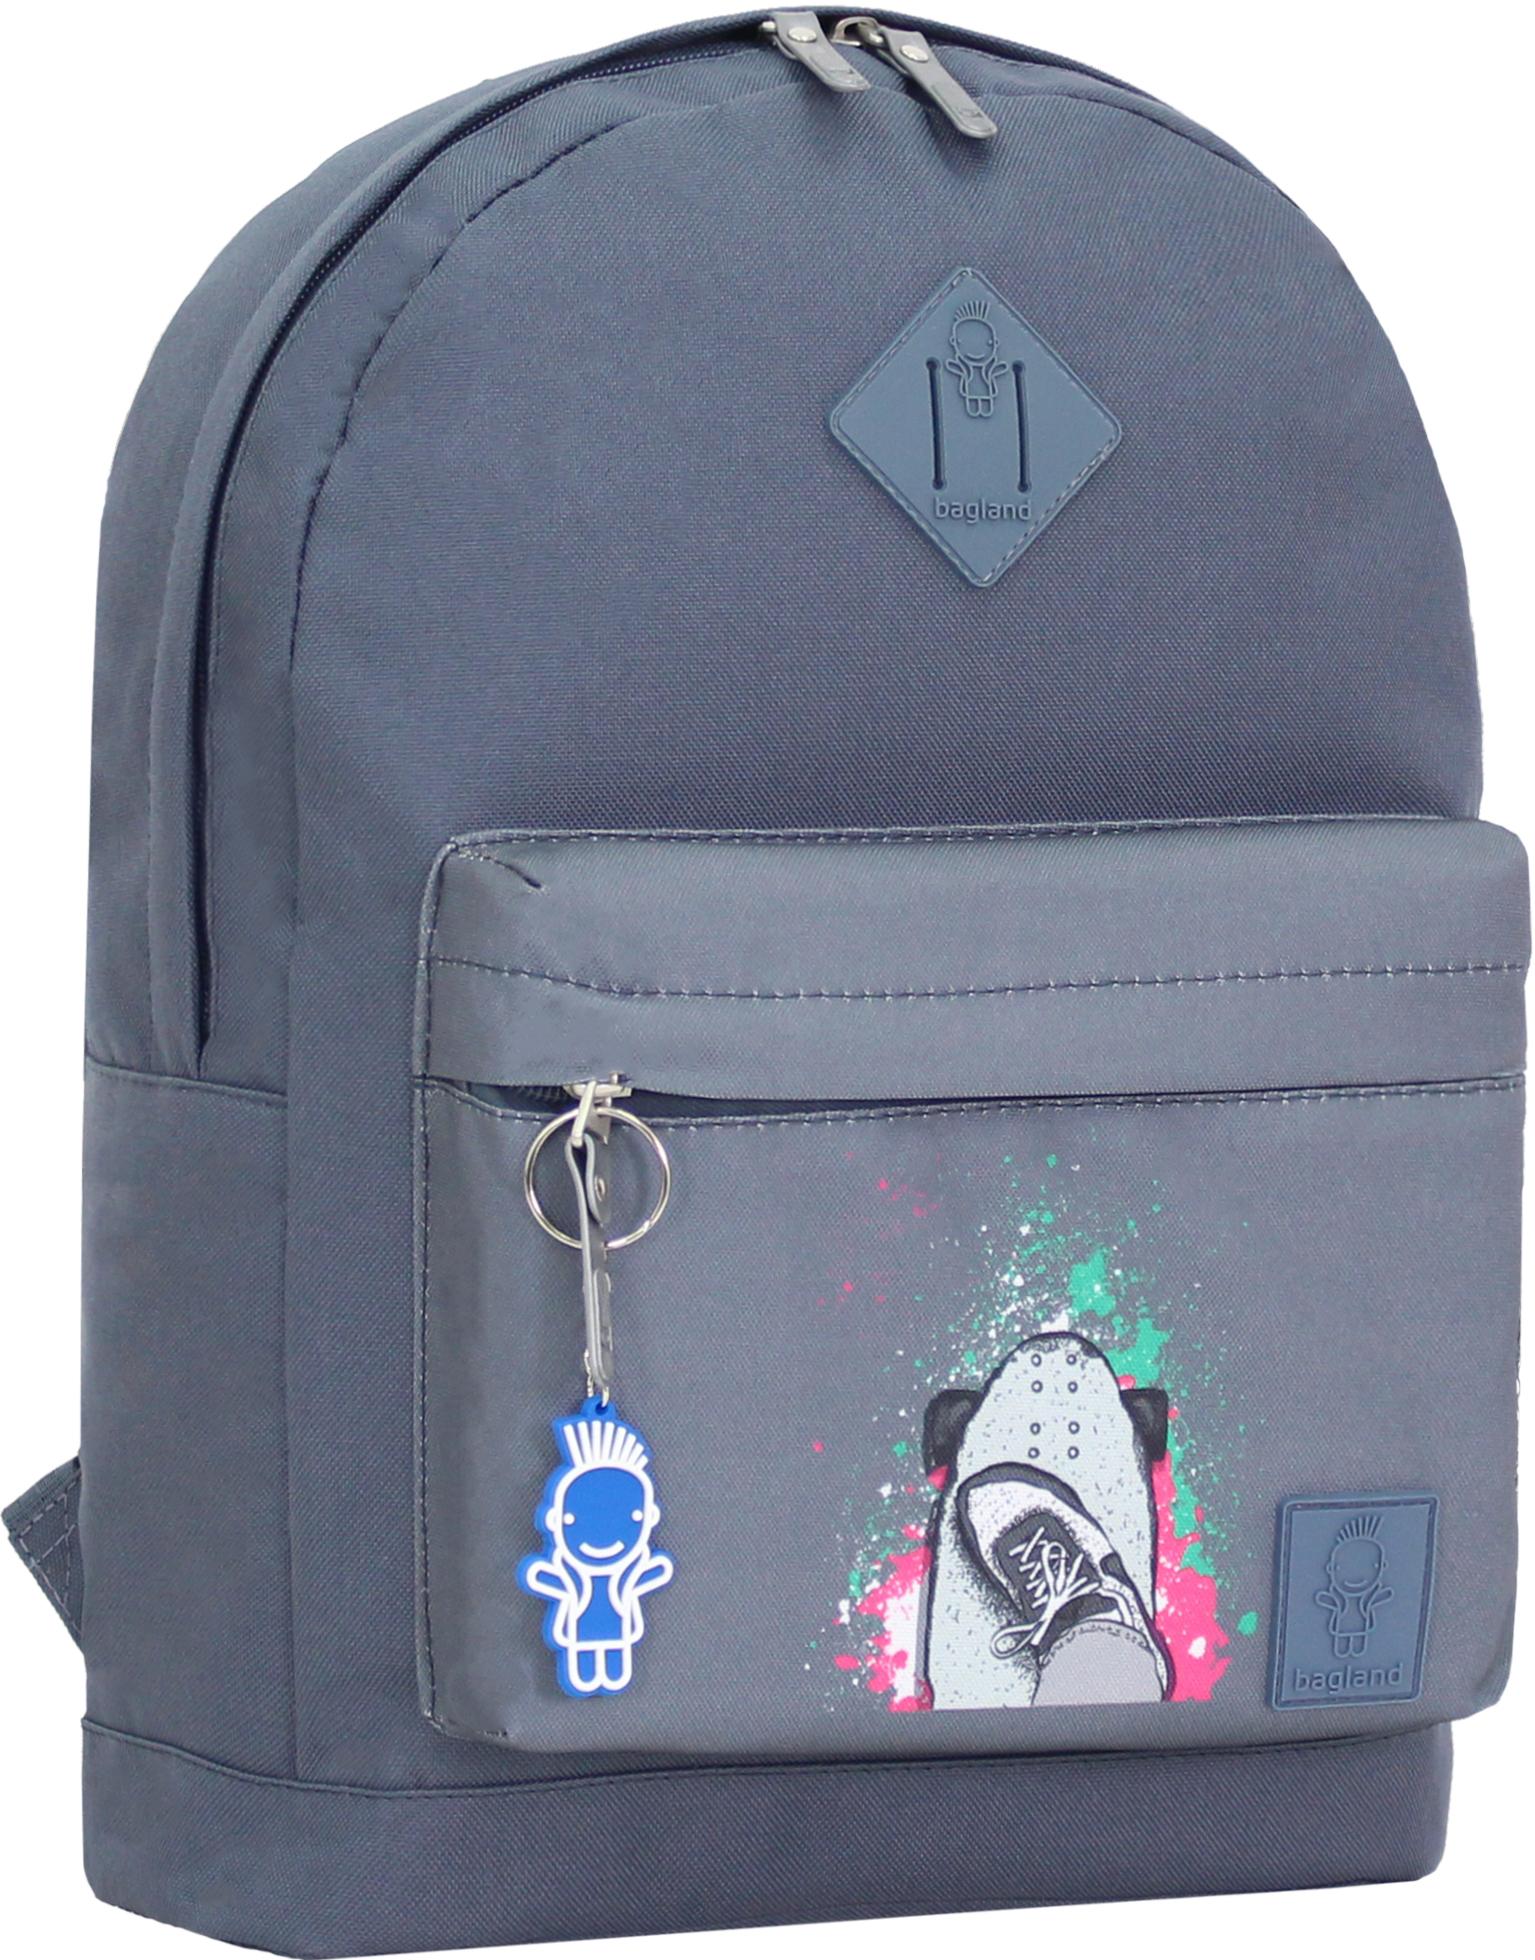 Городские рюкзаки Рюкзак Bagland Молодежный W/R 17 л. серый 199к (00533662) IMG_0980_199к.JPG